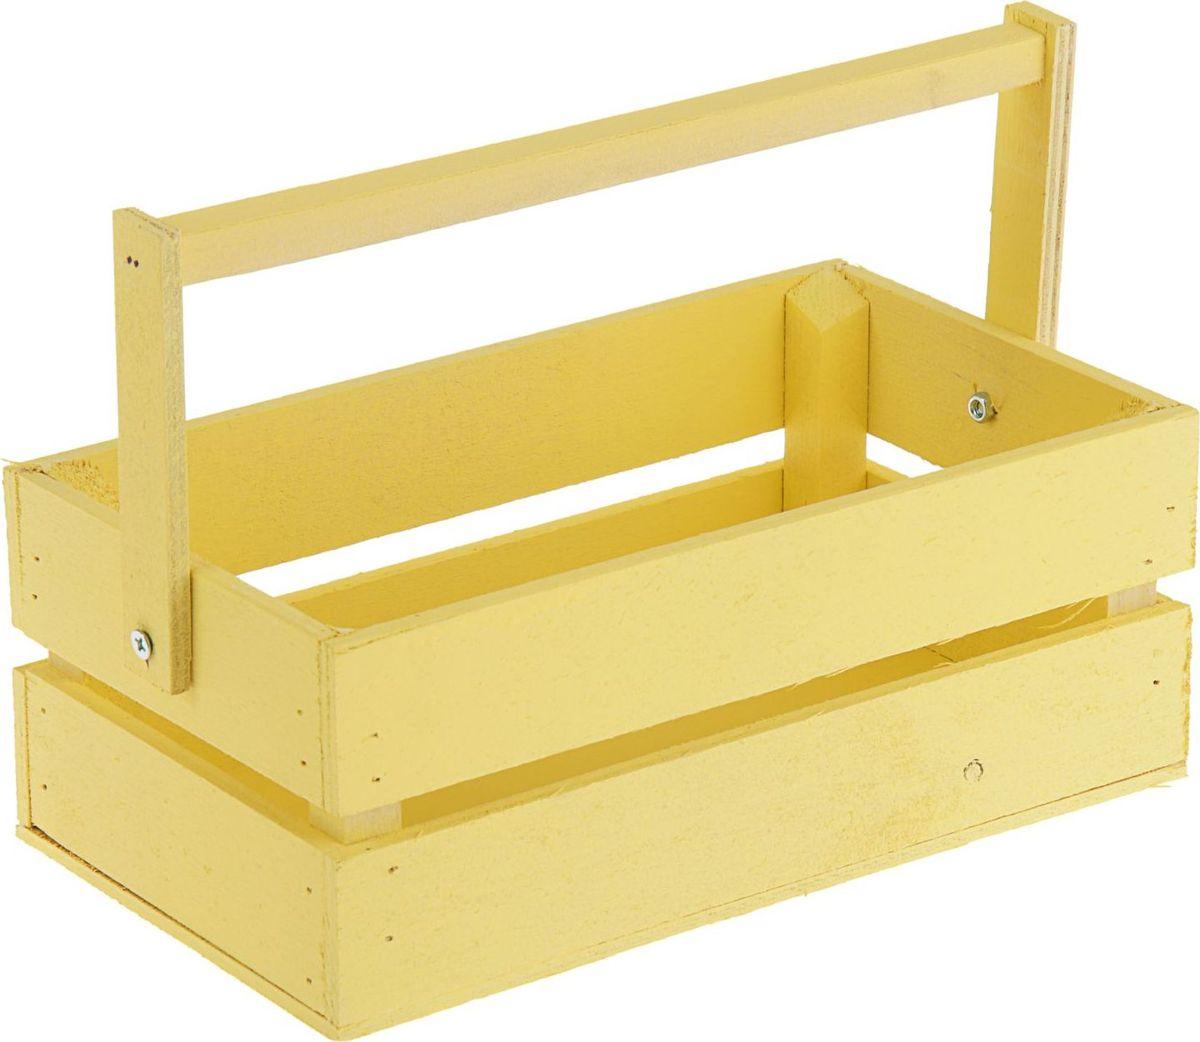 Кашпо ТД ДМ Ящик, со складной ручкой, цвет: желтый, 24,5 х 13,5 х 9 см кашпо дубравия ящик большой фуксия